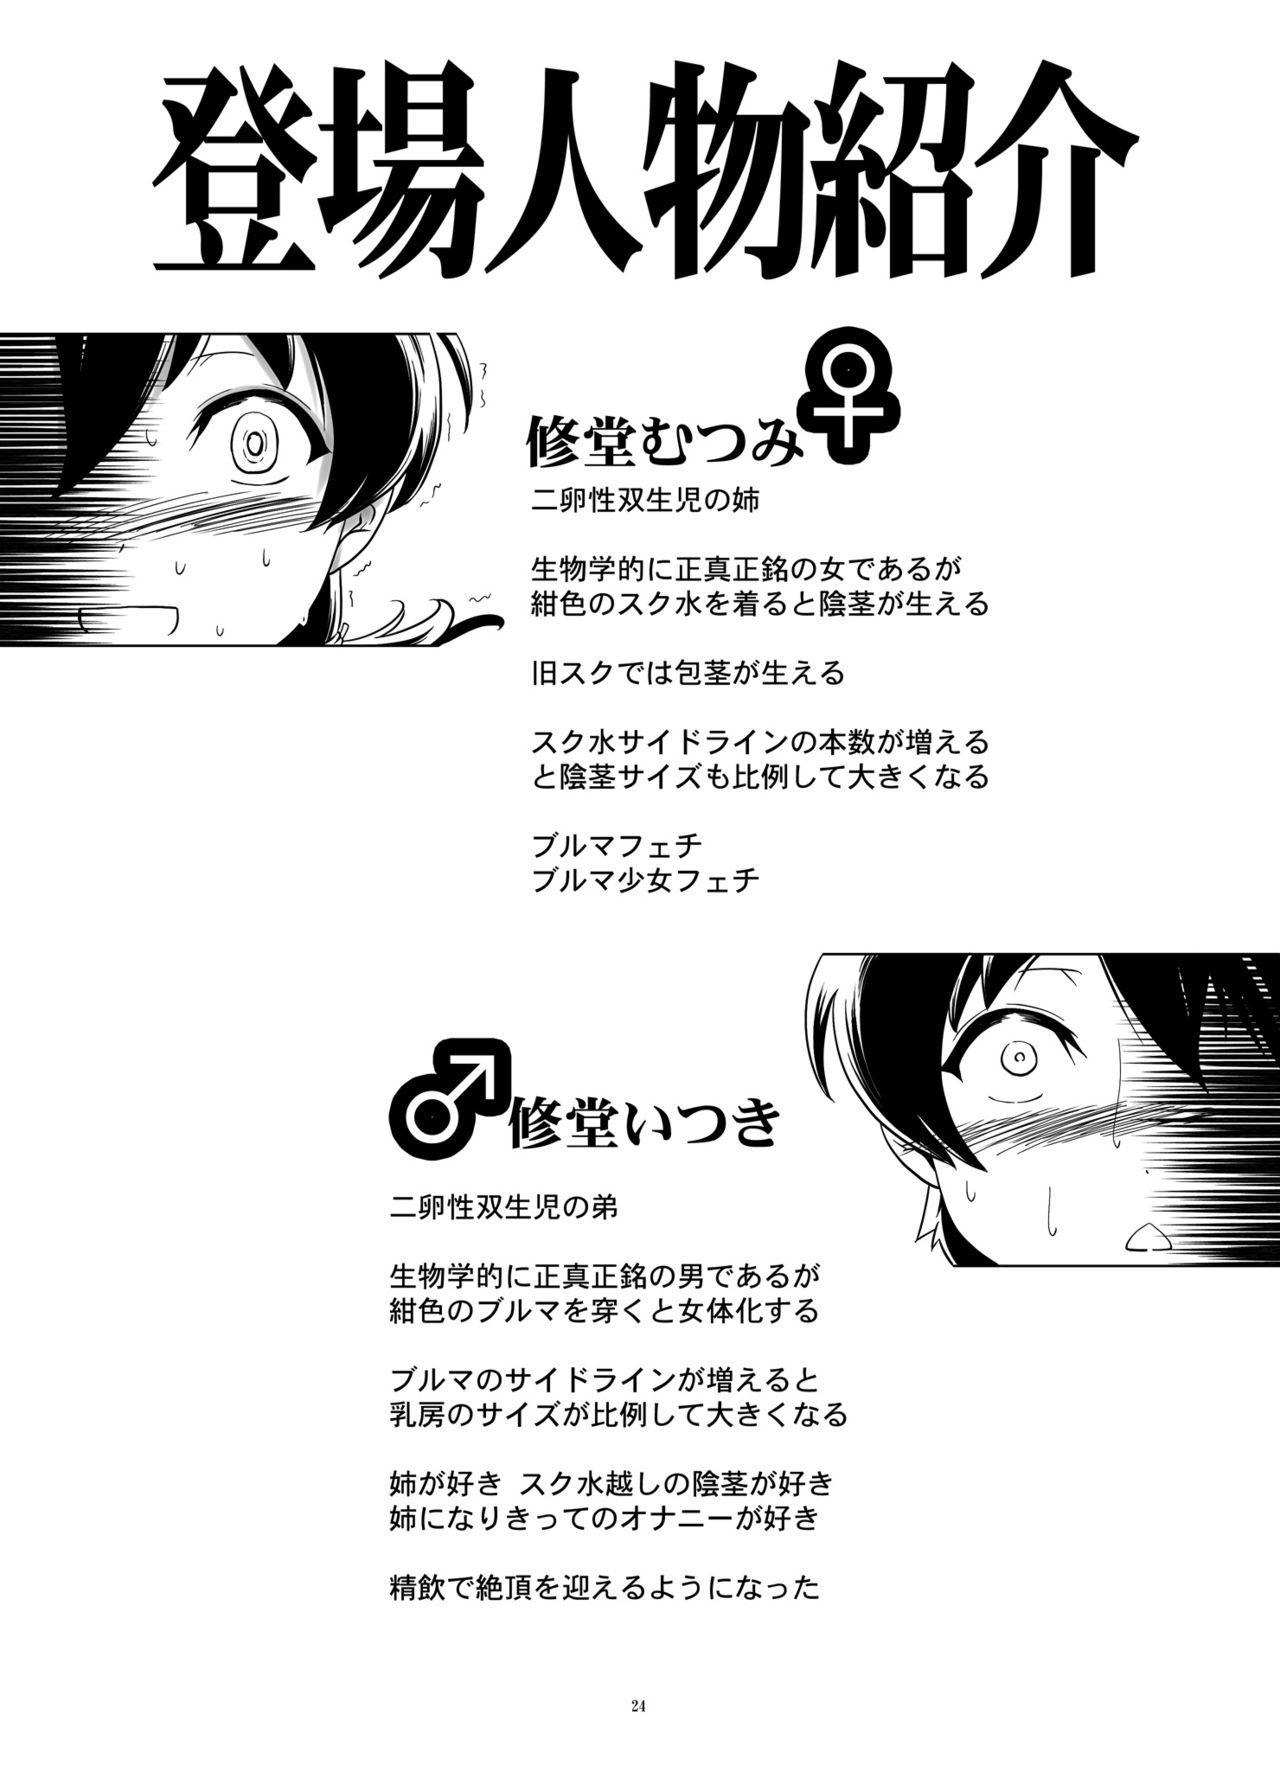 Hentai Futago no Natsuyasumi 23